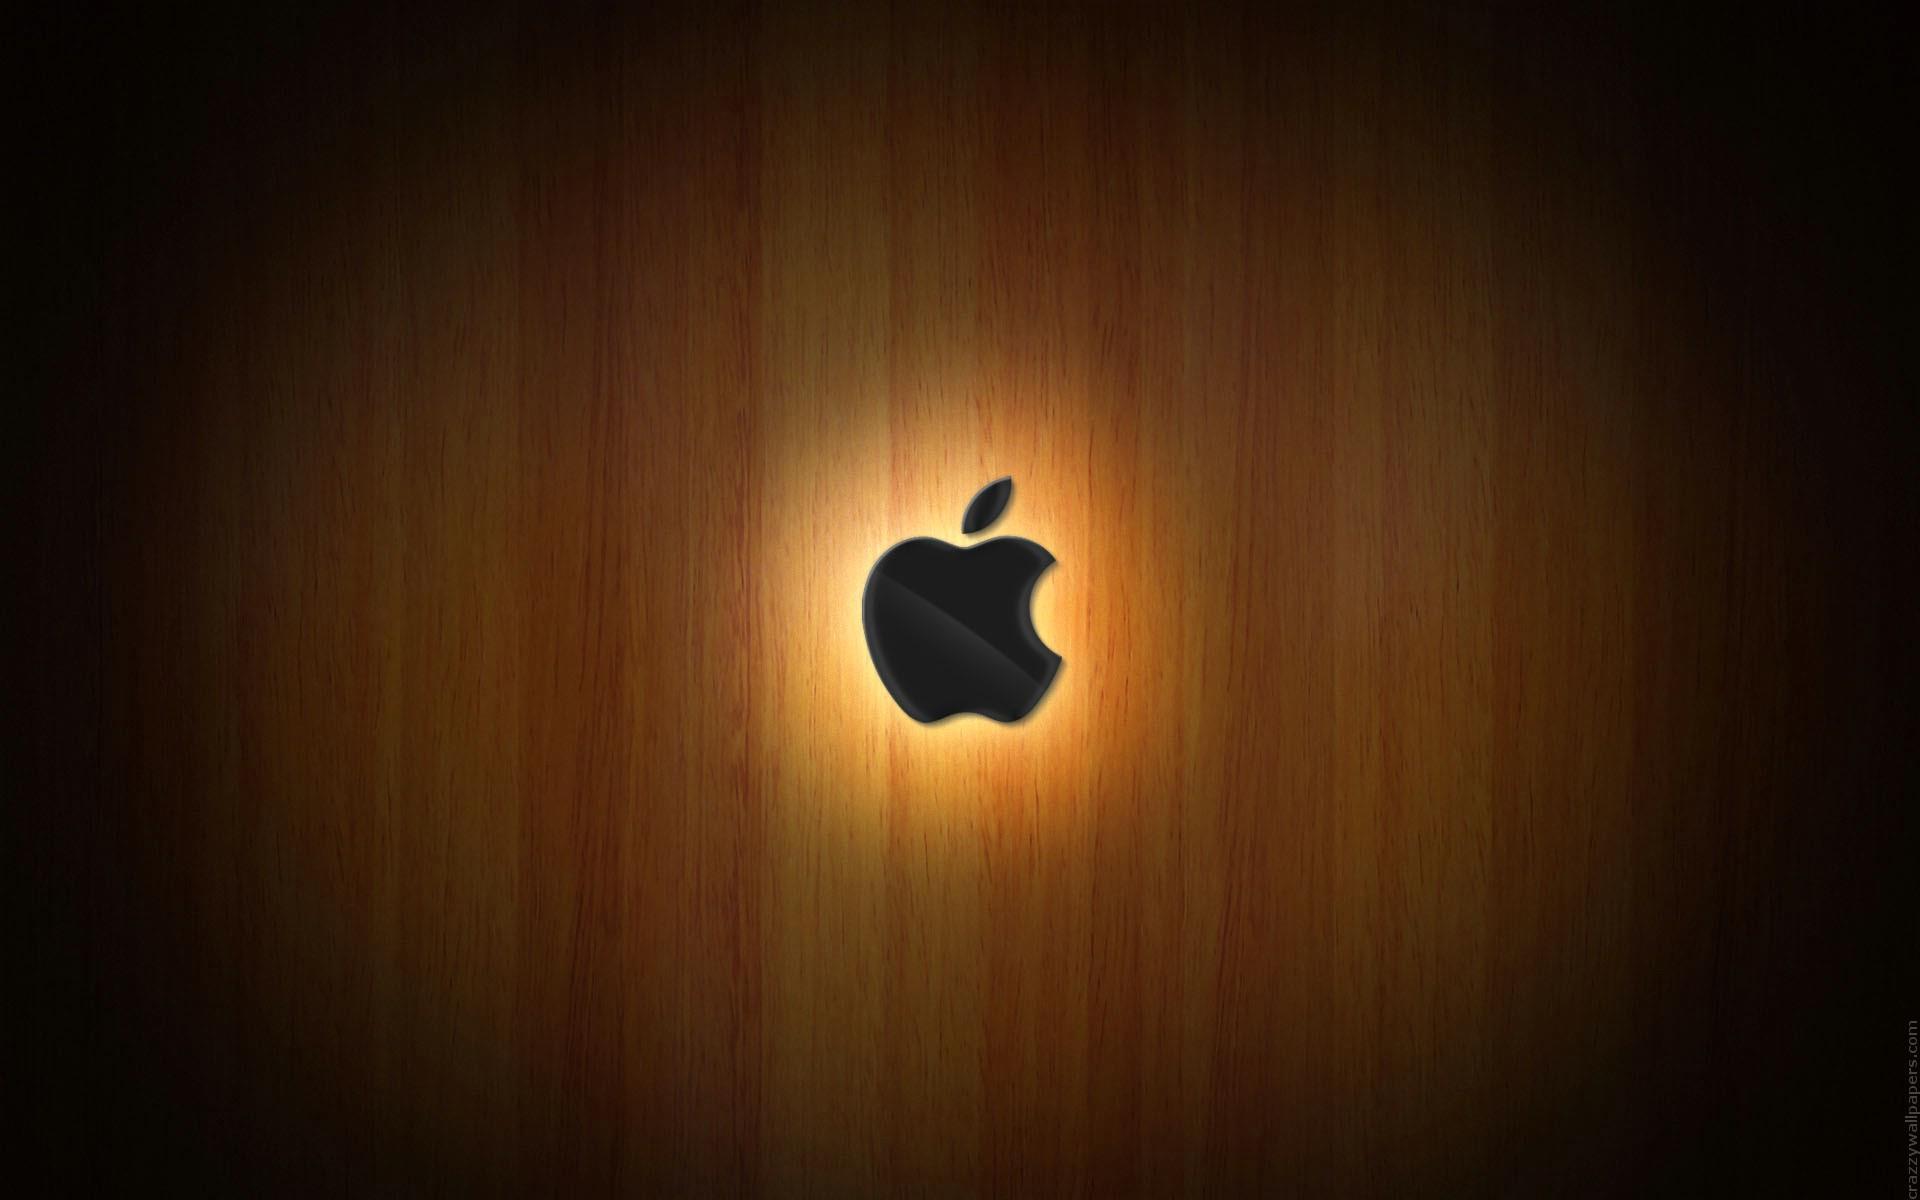 telechargement-gratuit-de-fond-ecran-apple_04